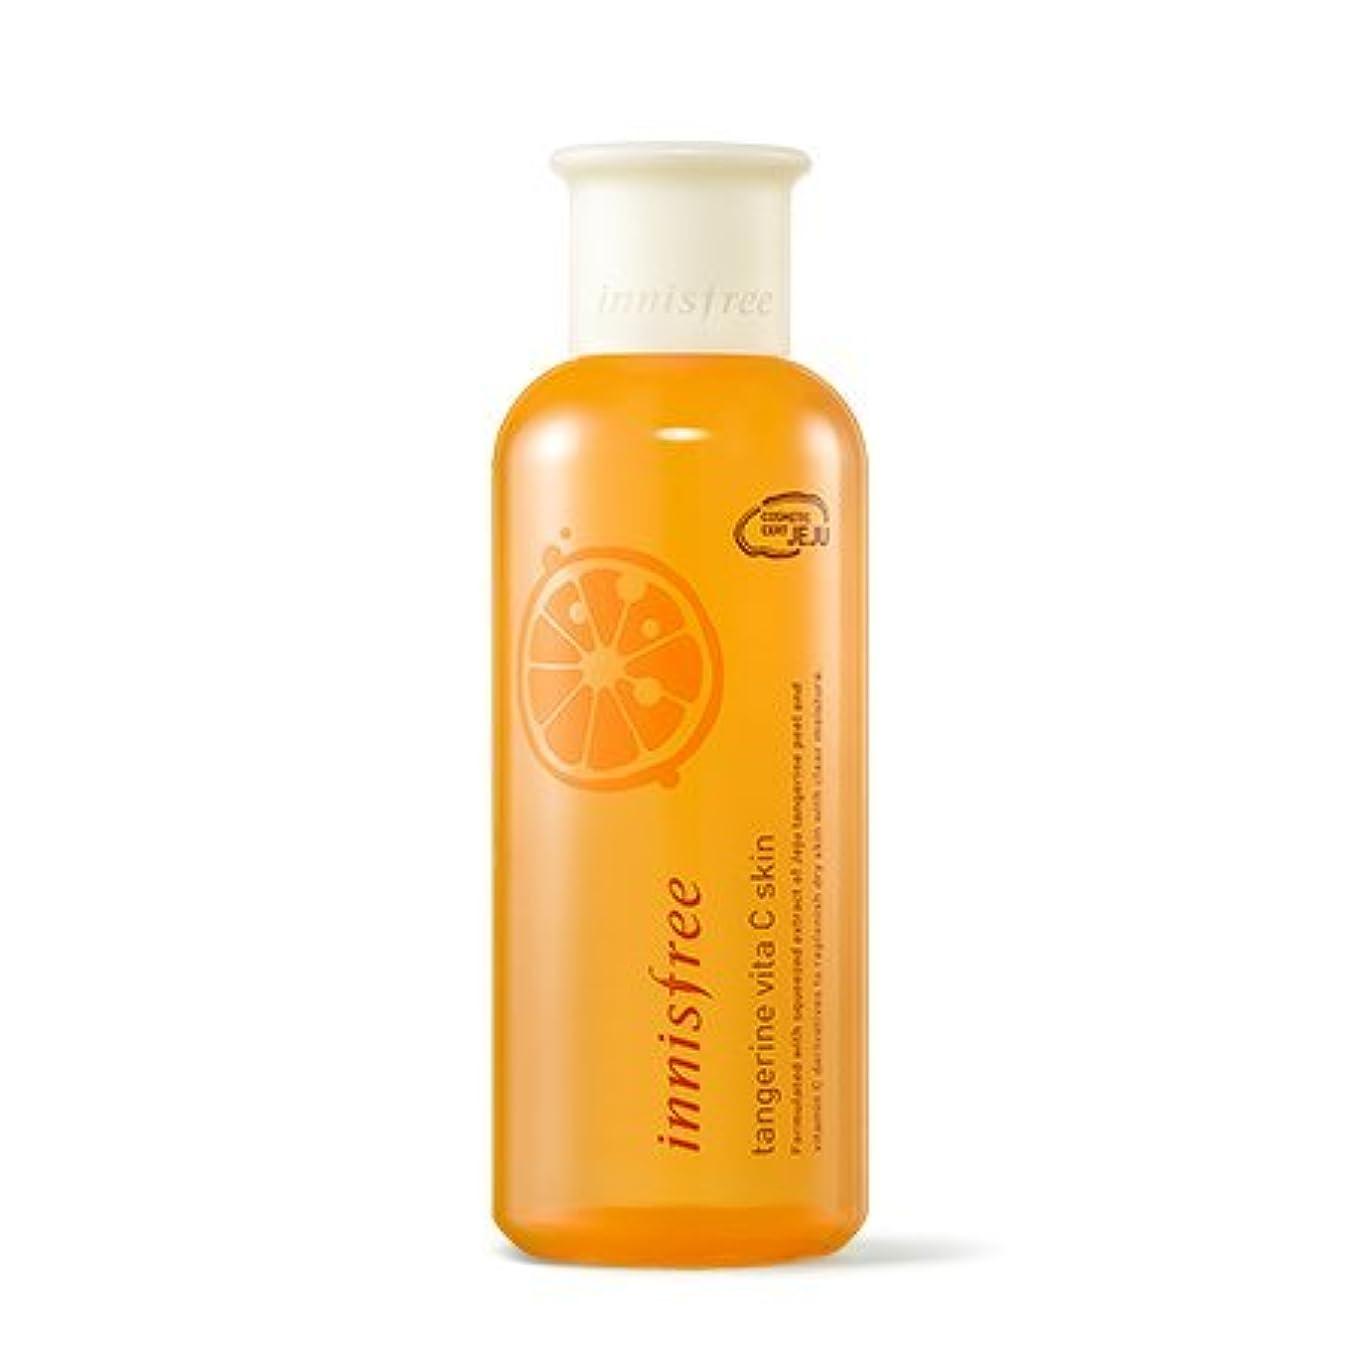 キュービック地震ガジュマル[New] innisfree Tangerine Vita C Skin 200ml/イニスフリー タンジェリン ビタ C スキン 200ml [並行輸入品]